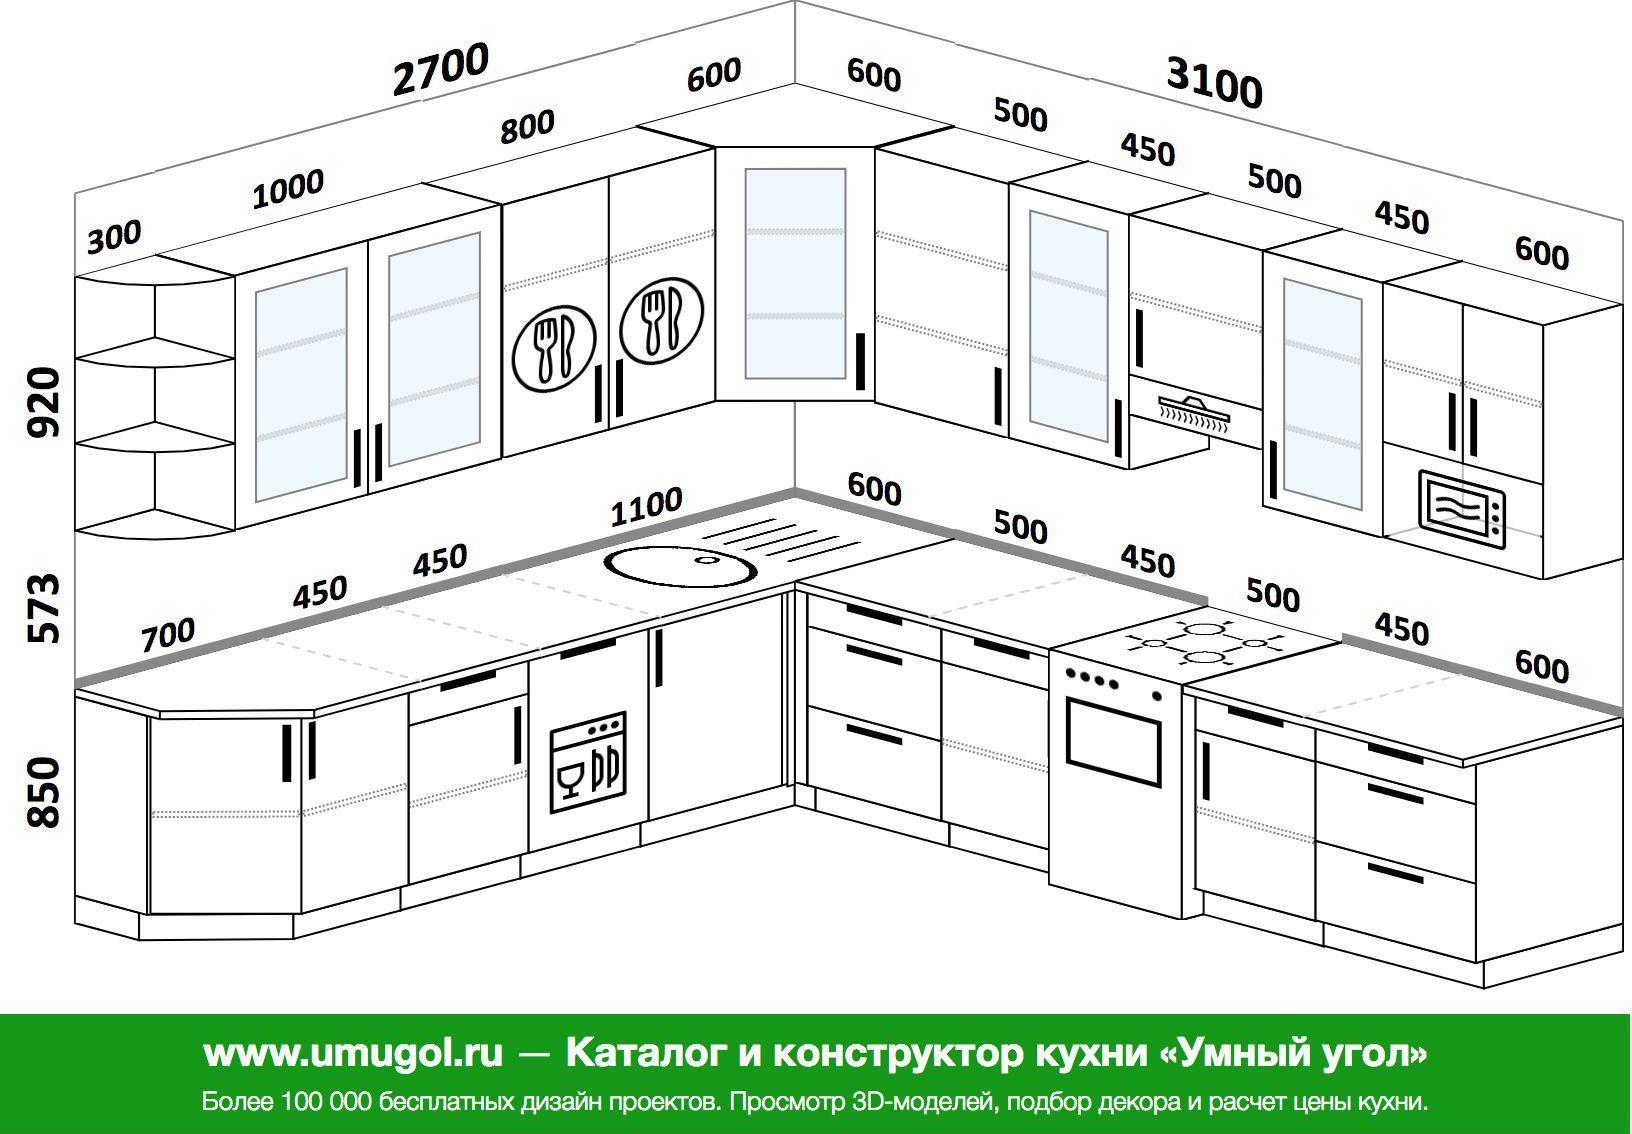 Кухня мебель размеры стандартные фото